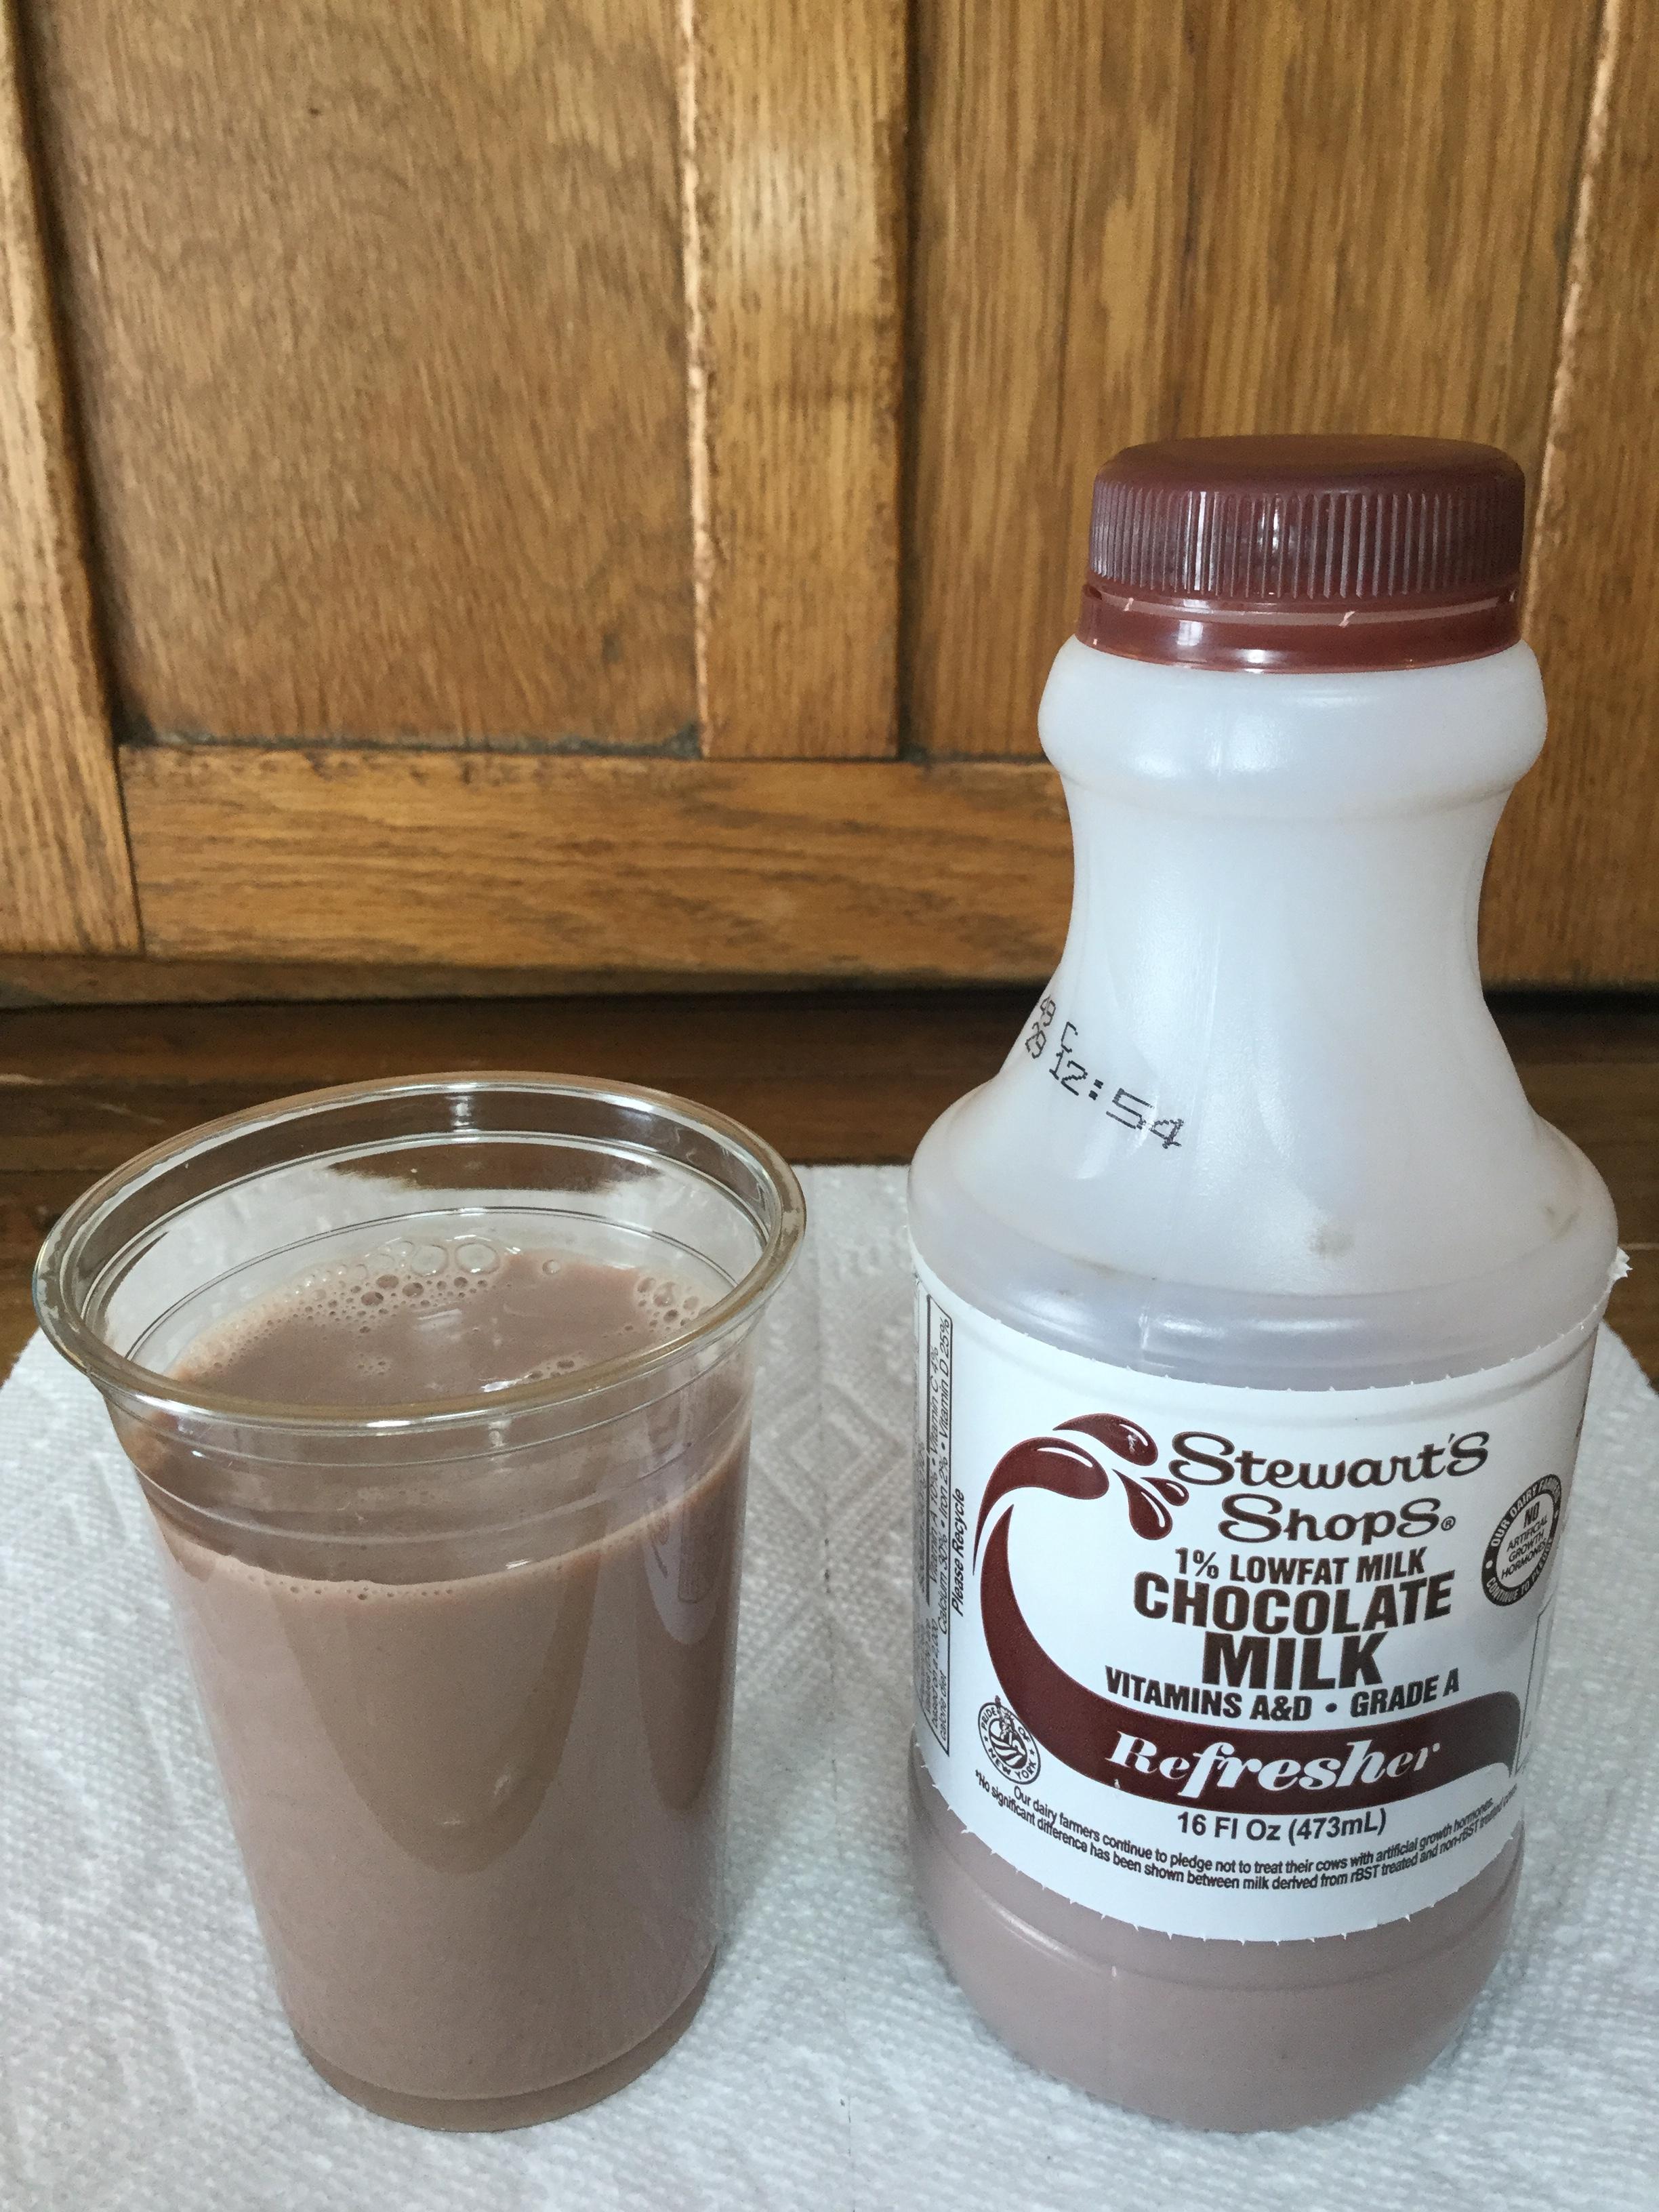 Stewart's Shops 1% Chocolate Milk Cup